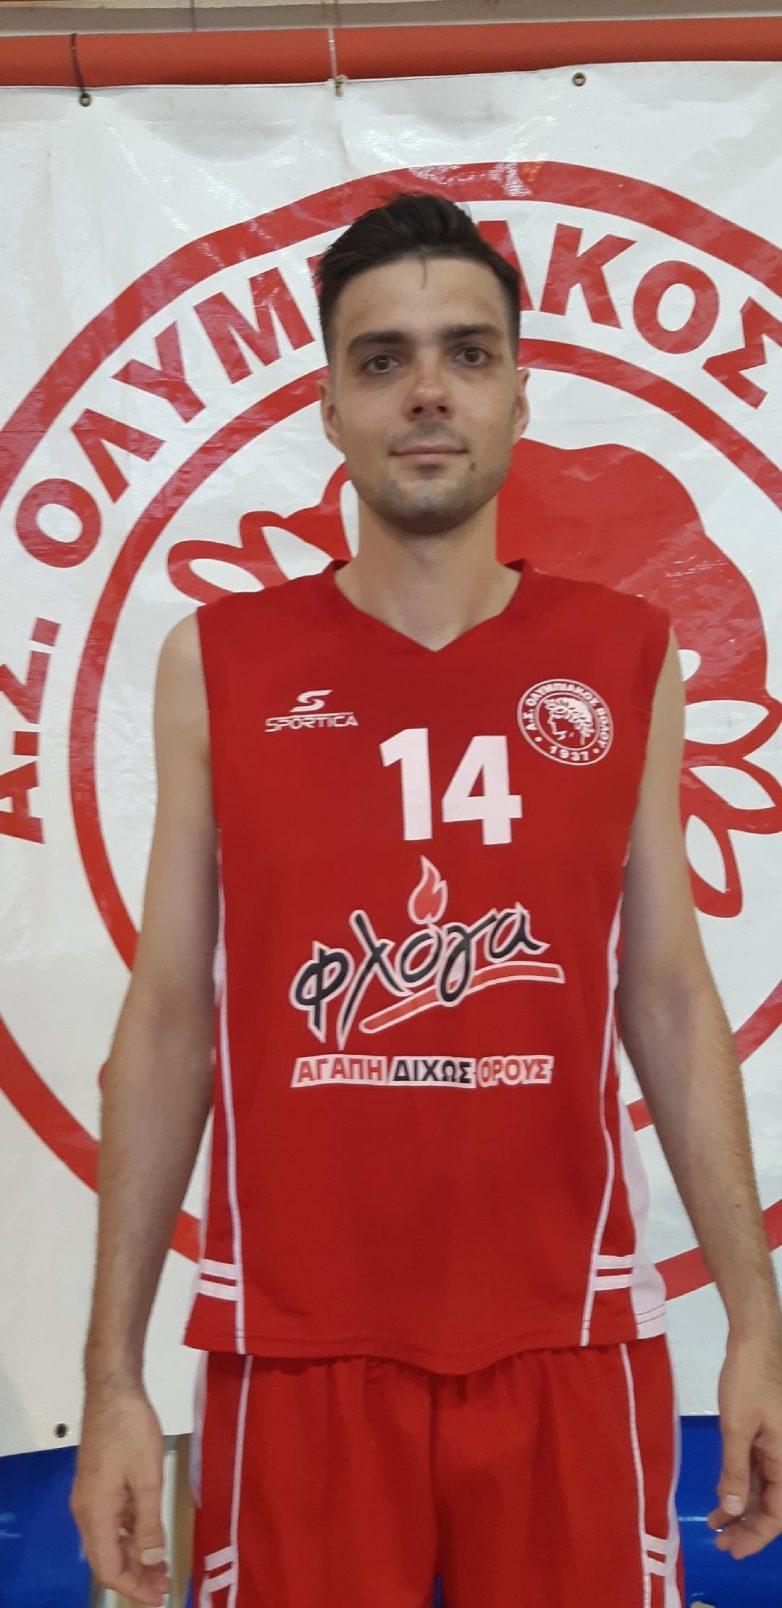 Ο  Θωμάς Χαρχαρής νέο απόκτημα της ομάδας μπάσκετ του Ολυμπιακού Βόλου